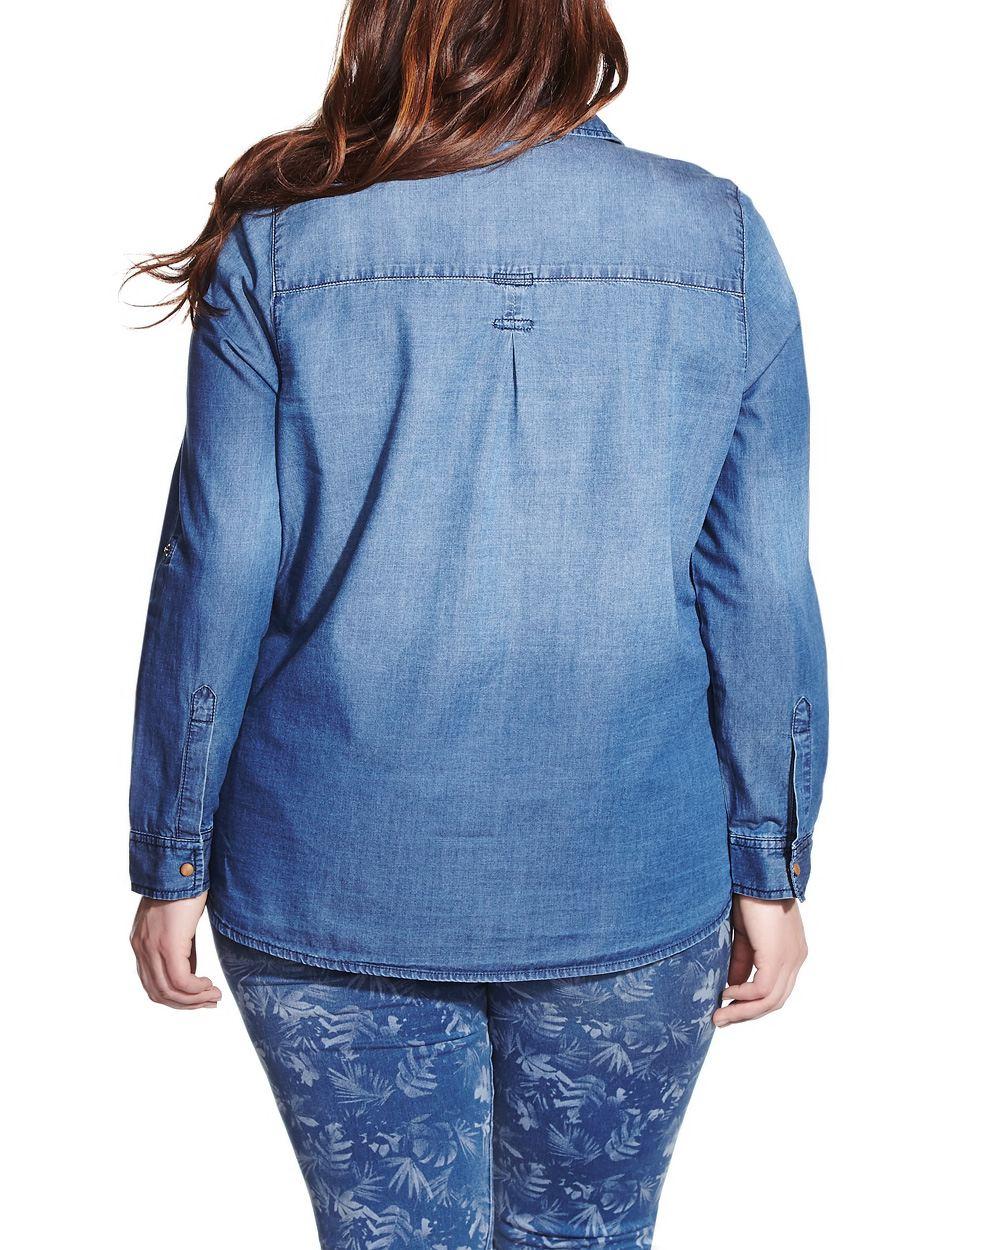 Denim Blouse Plus Size